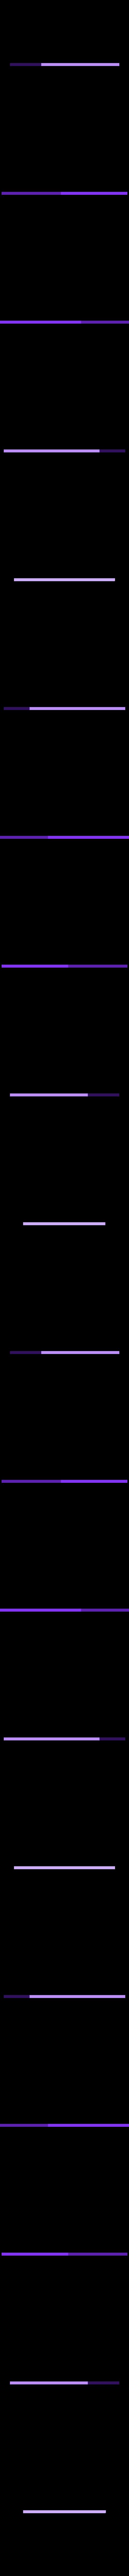 hitman_rpc_top_grill.STL Download free STL file Hitman Raspberry Pi 3 Pi 2 VESA 75mm Case • Object to 3D print, sneaks